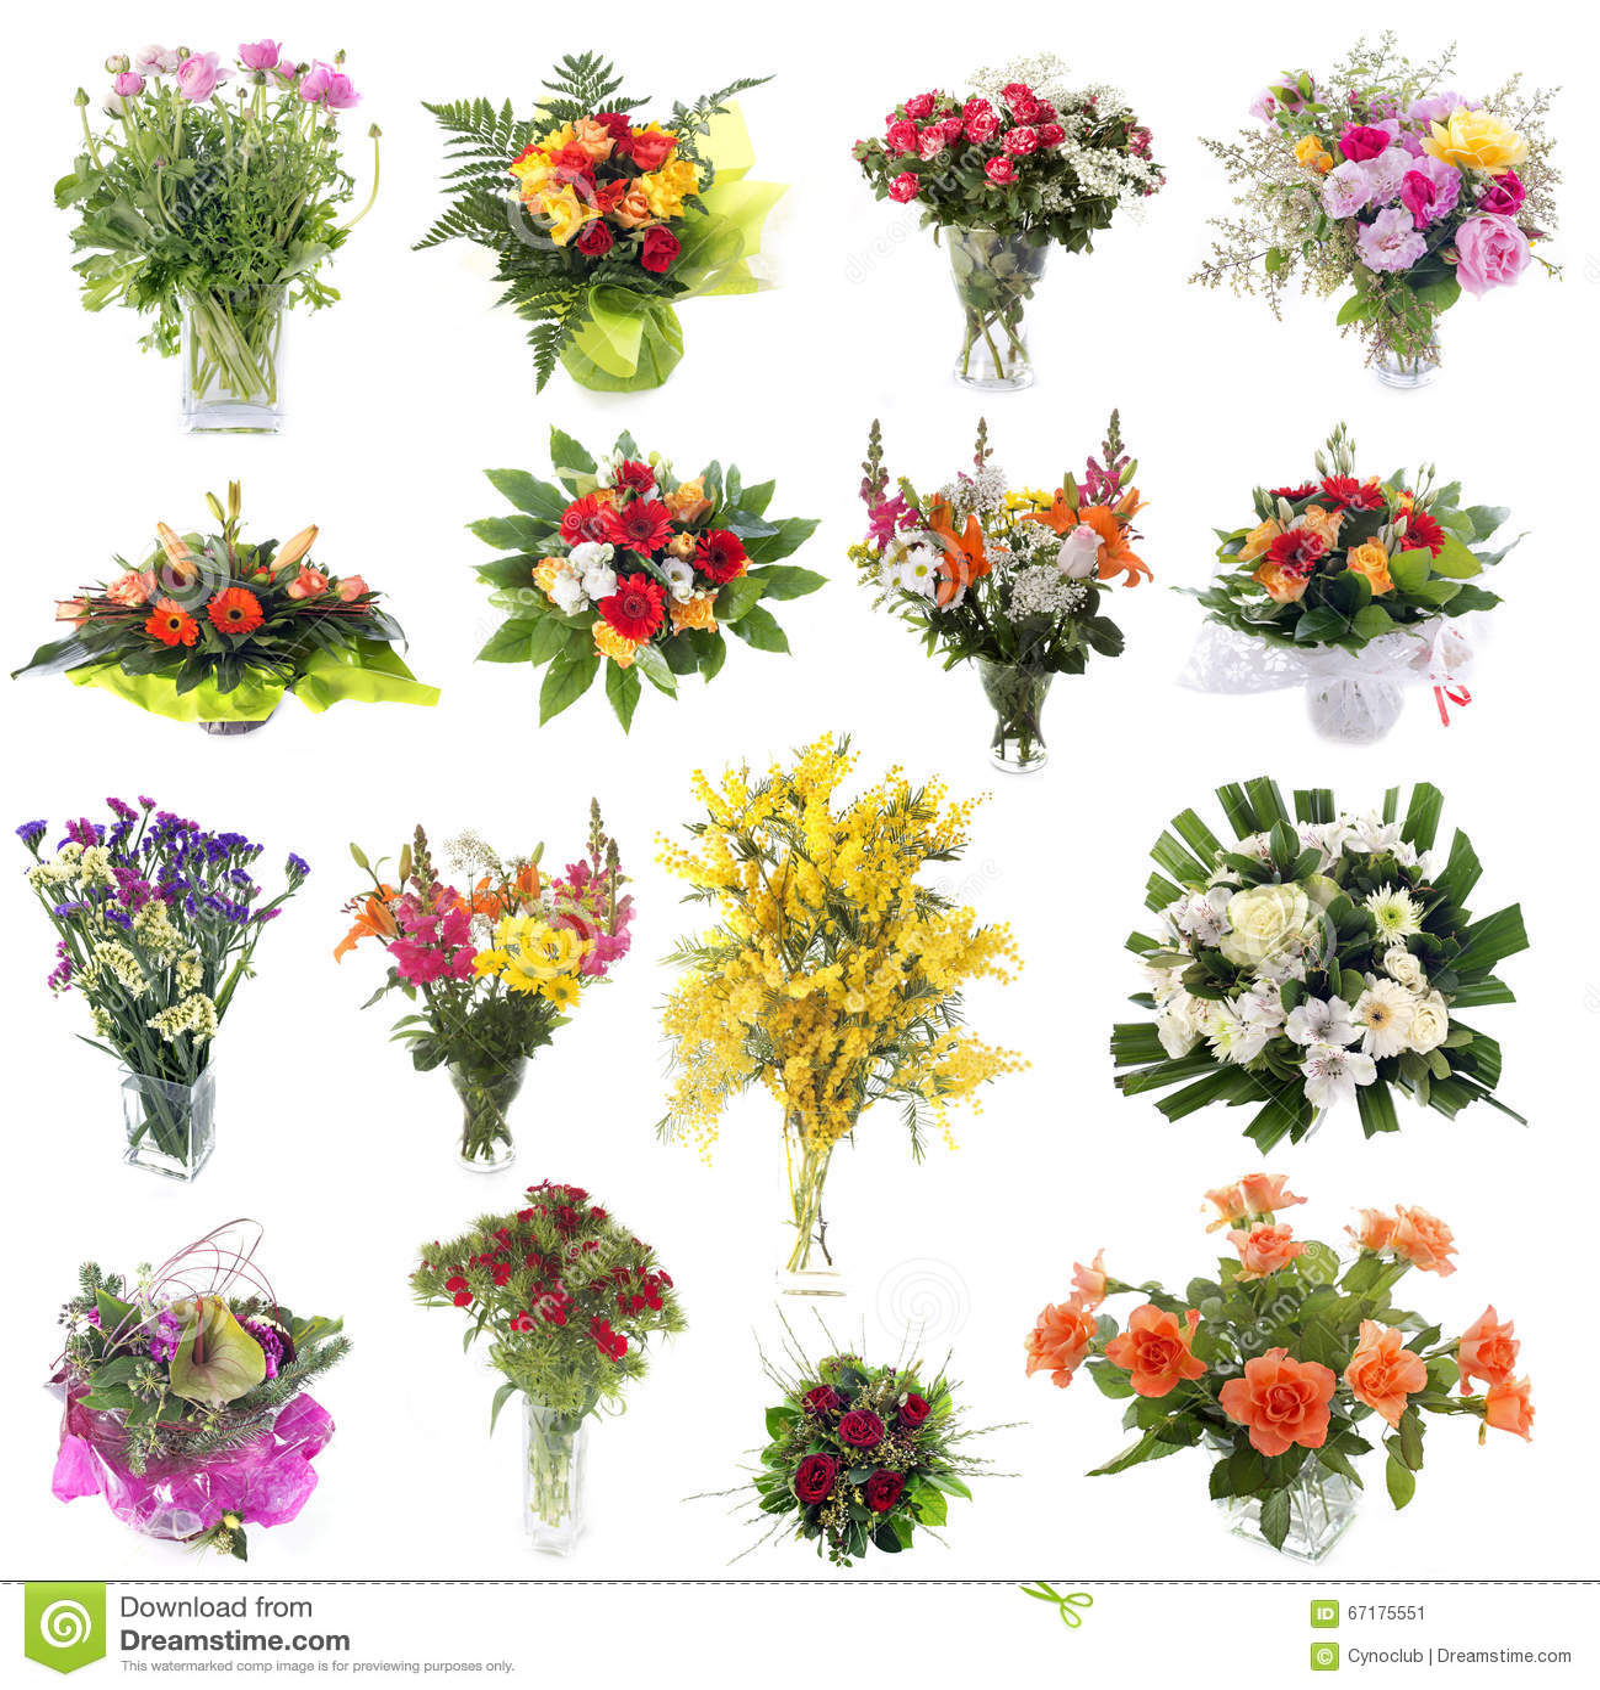 nomi dei fiori di co nomi dei fiori mazzi di fiori nomi